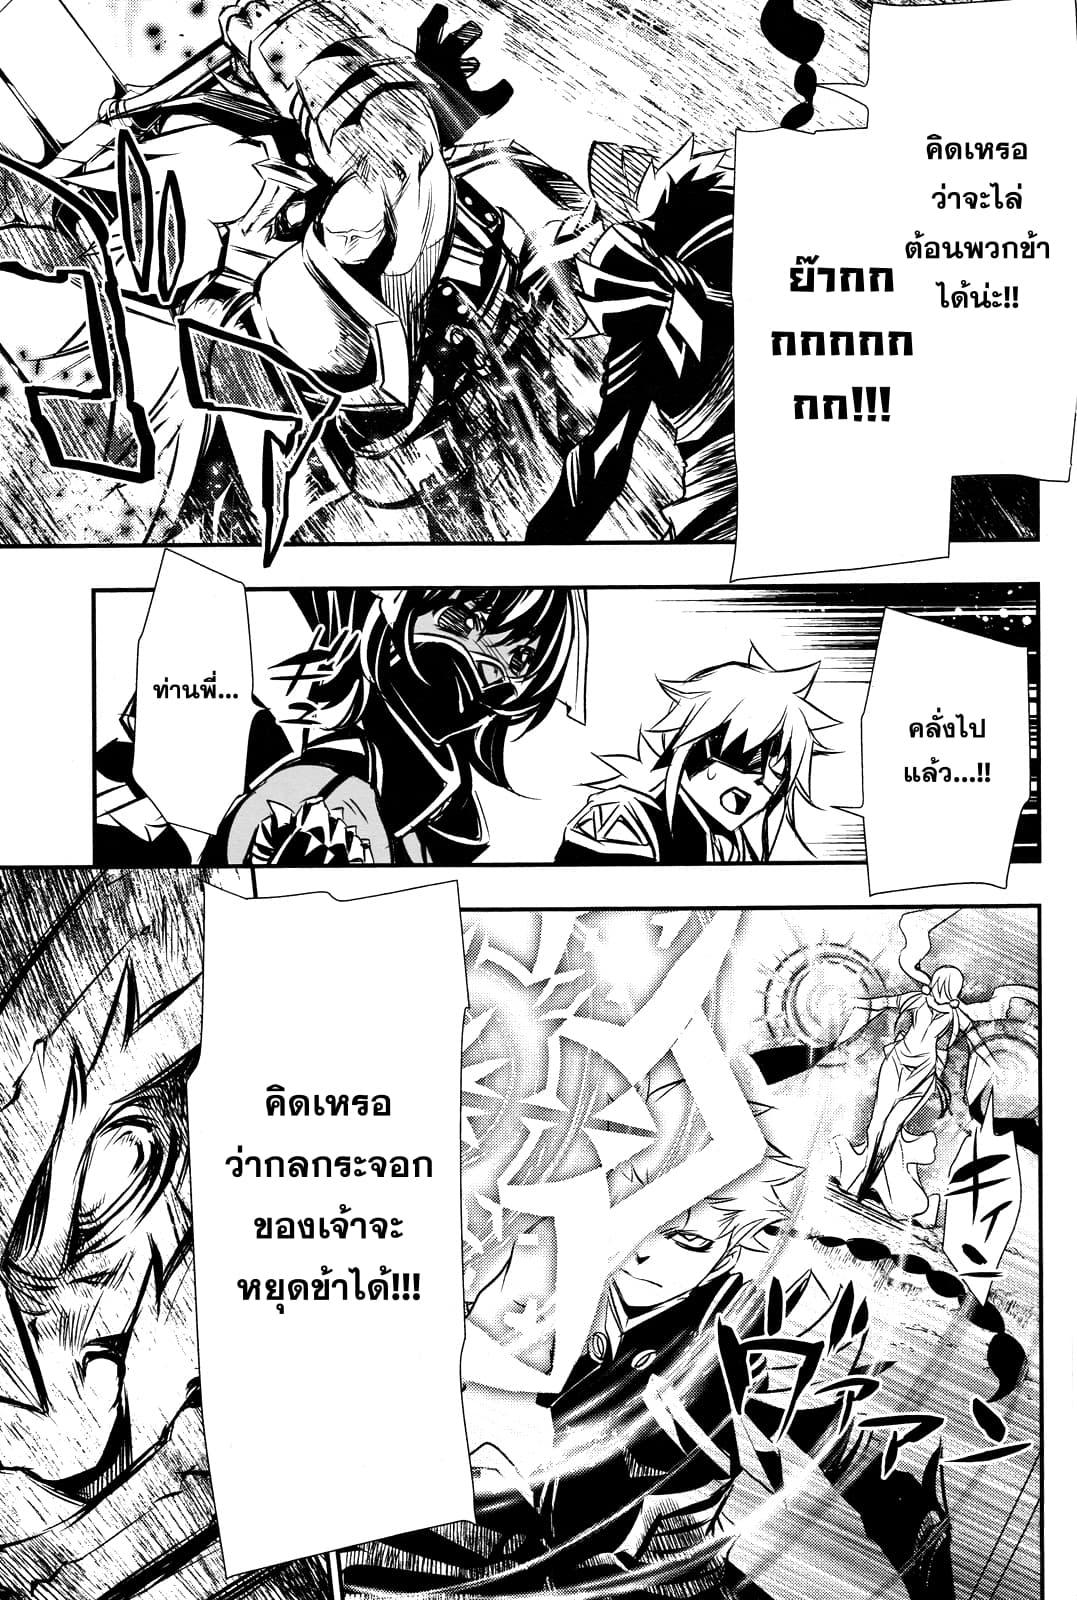 อ่านการ์ตูน Shinju no Nectar ตอนที่ 12 หน้าที่ 21